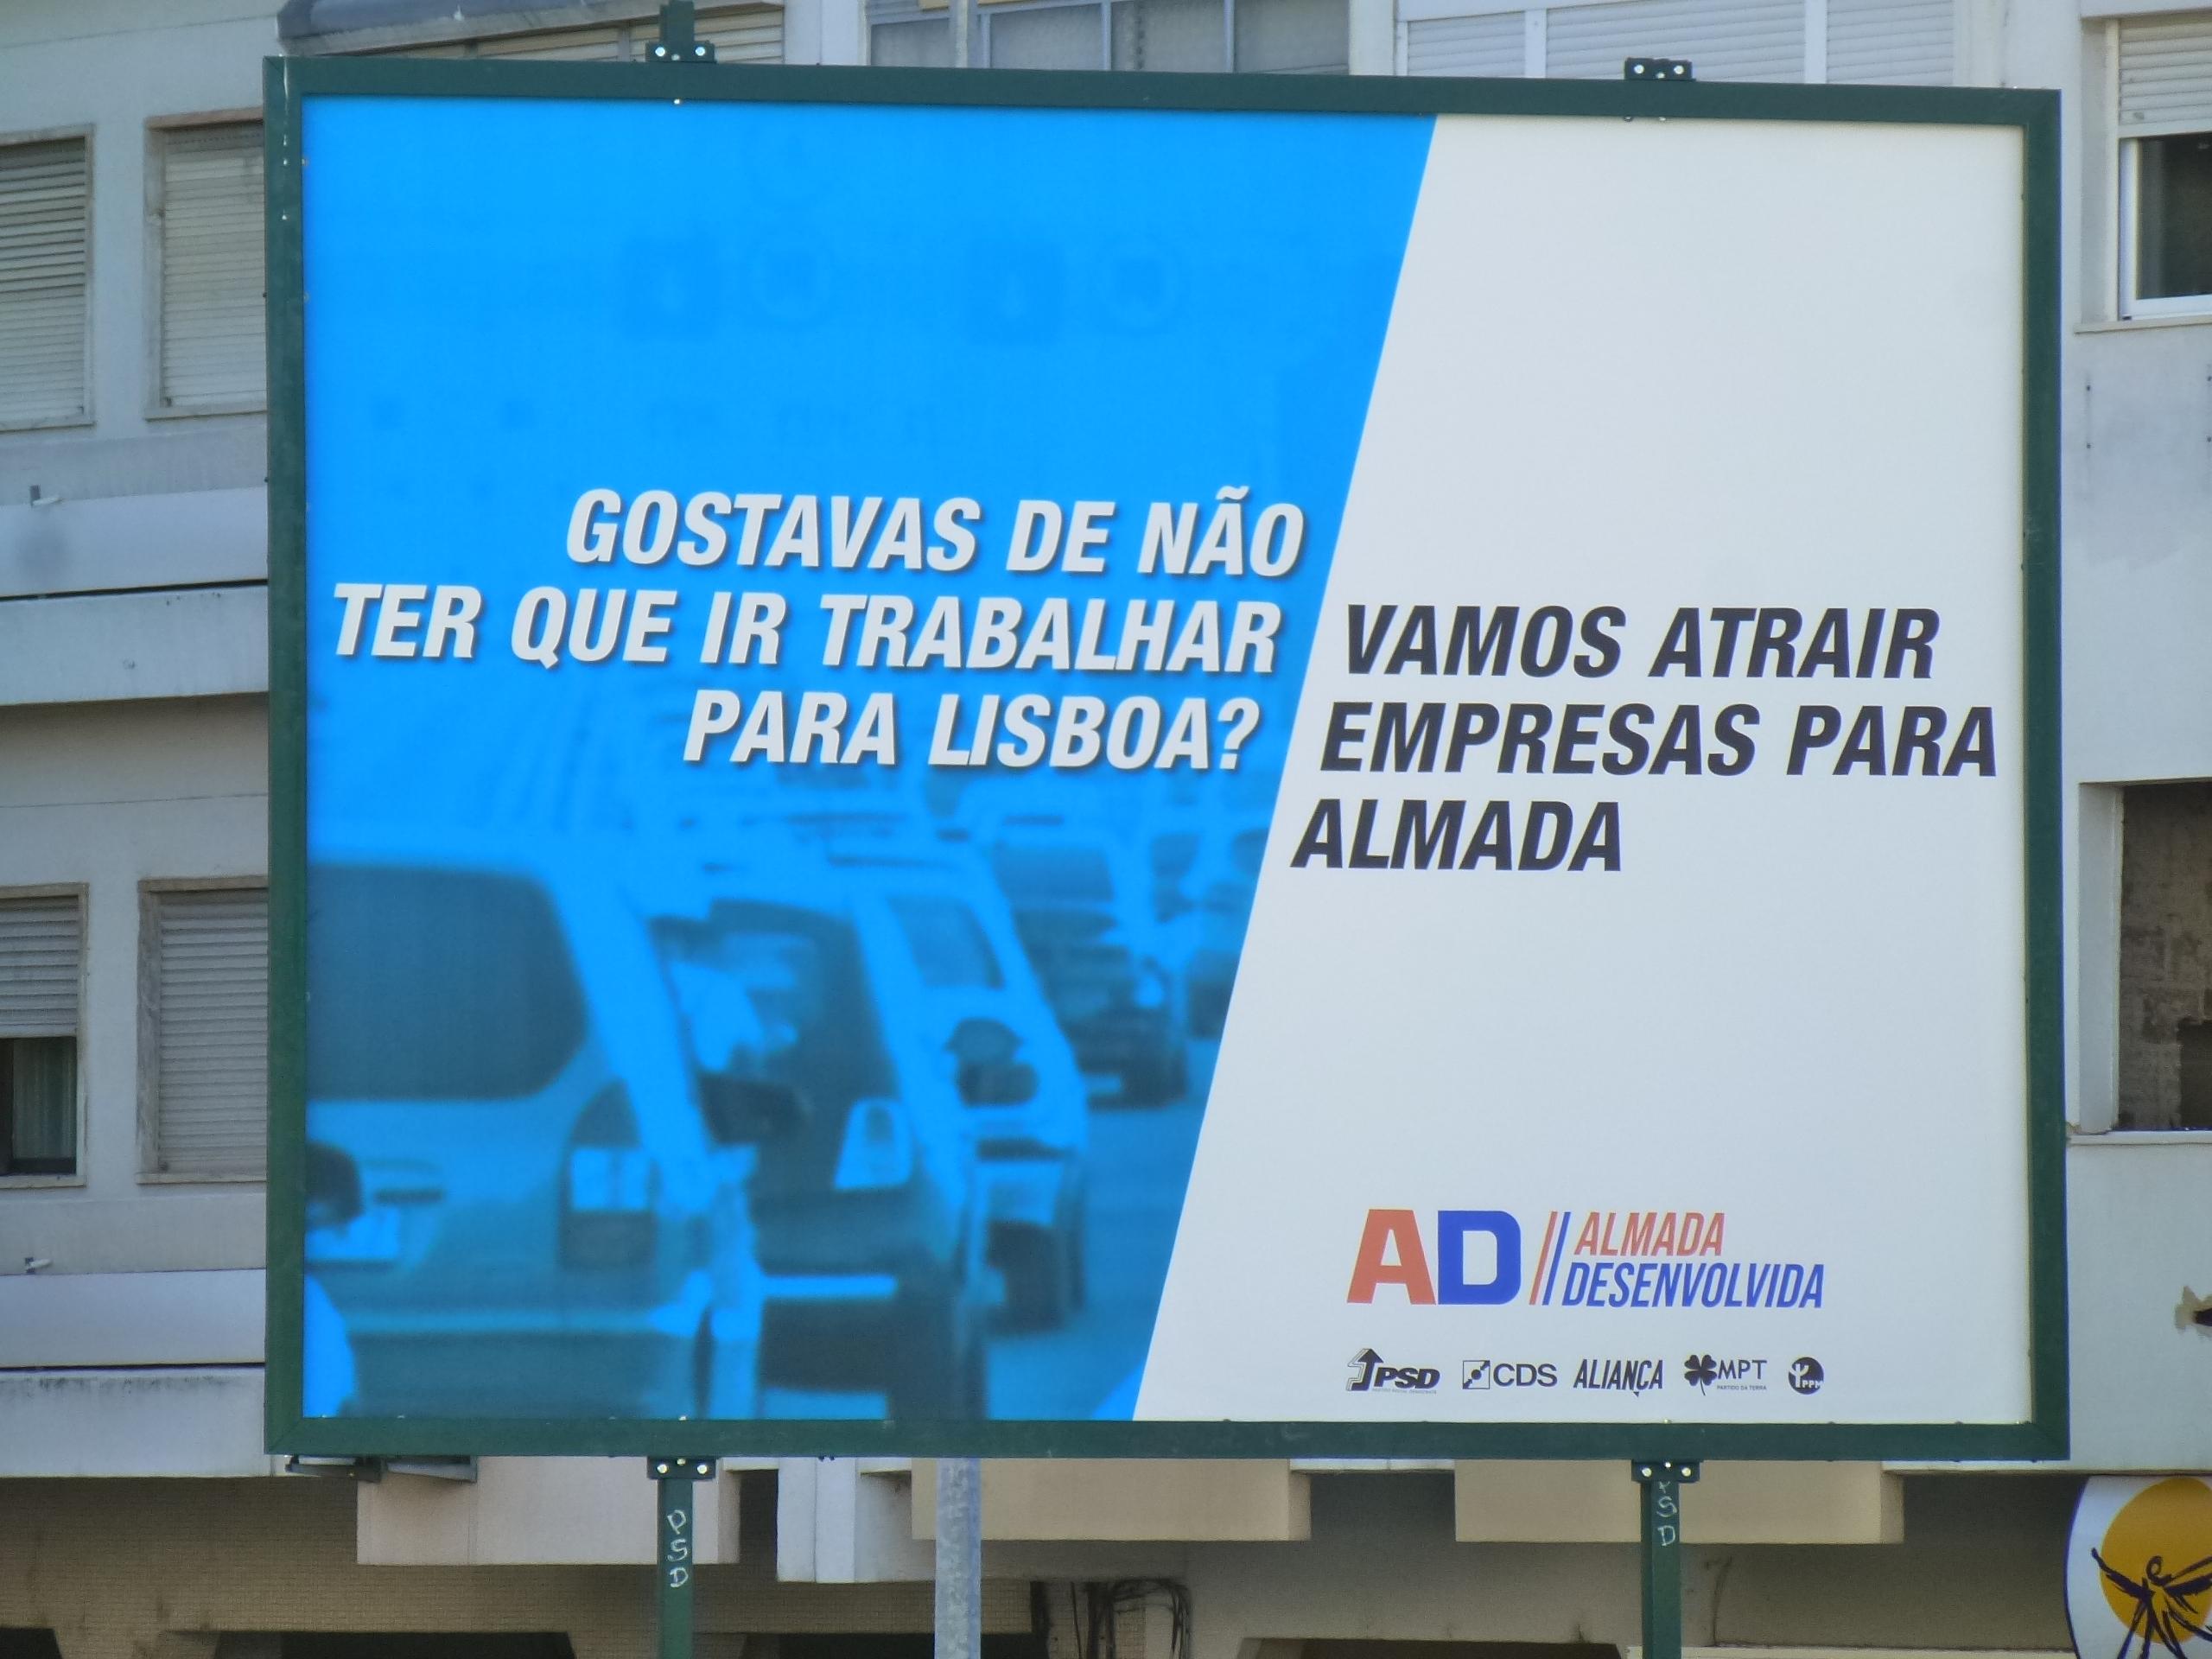 PSD_2021_Almada_003